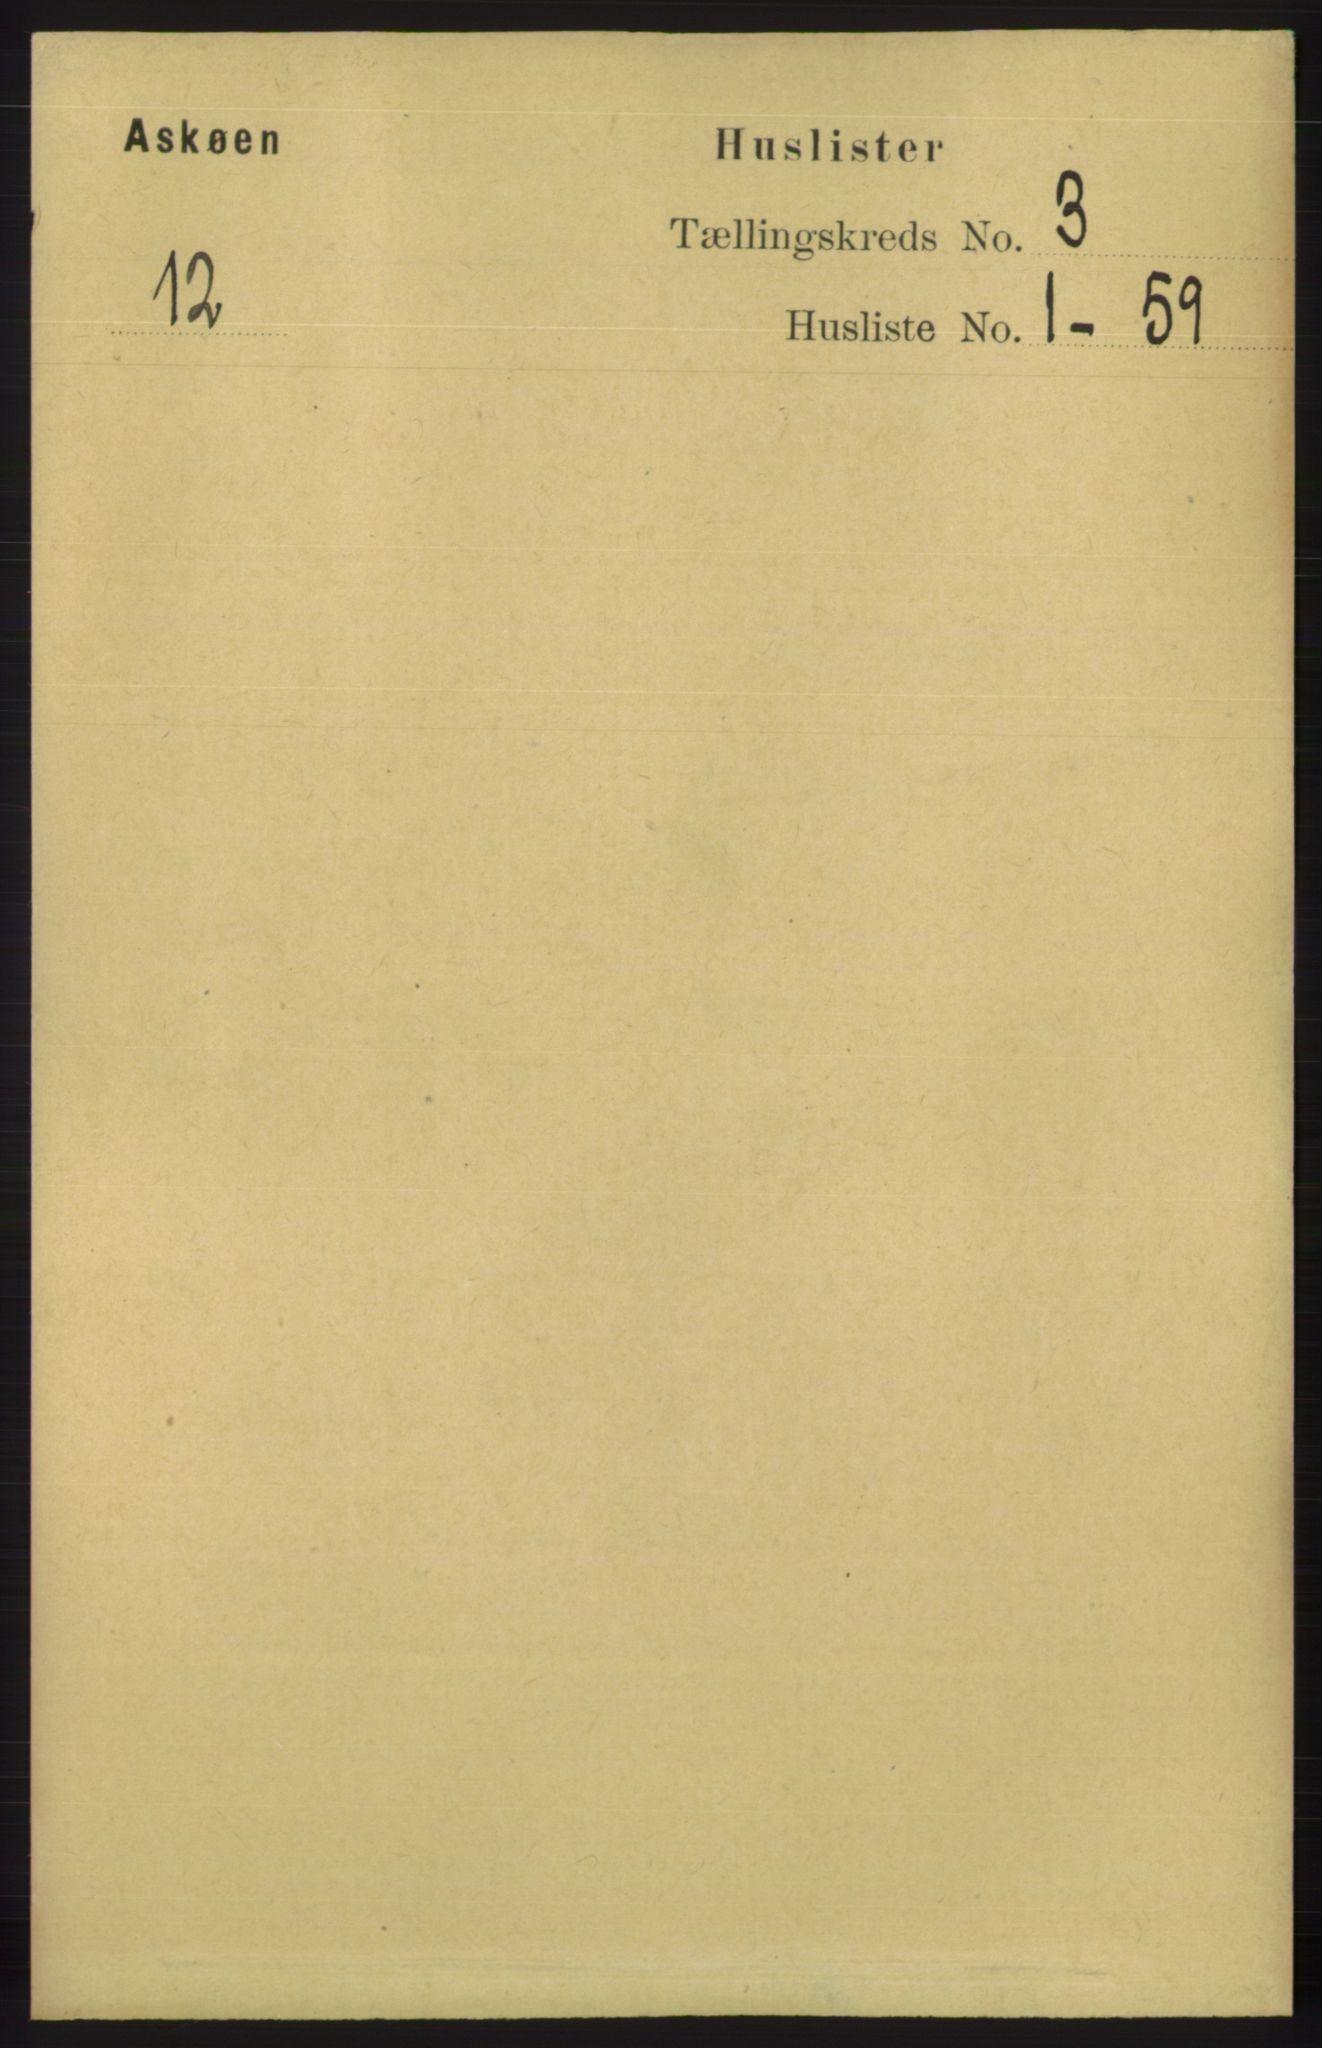 RA, Folketelling 1891 for 1247 Askøy herred, 1891, s. 1827